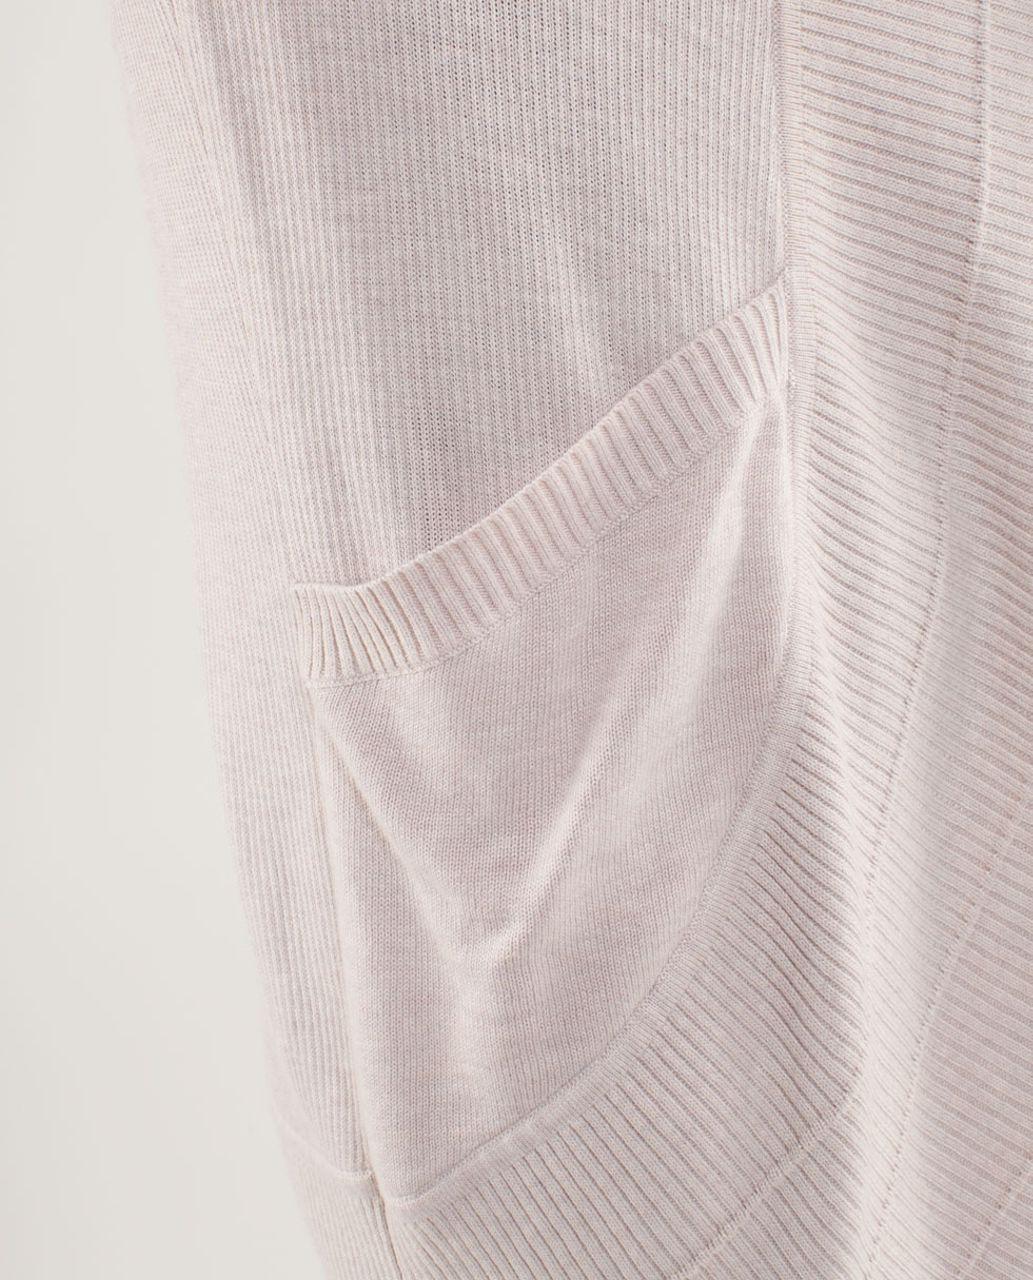 Lululemon Transformation Wrap - Heathered Dune /  White